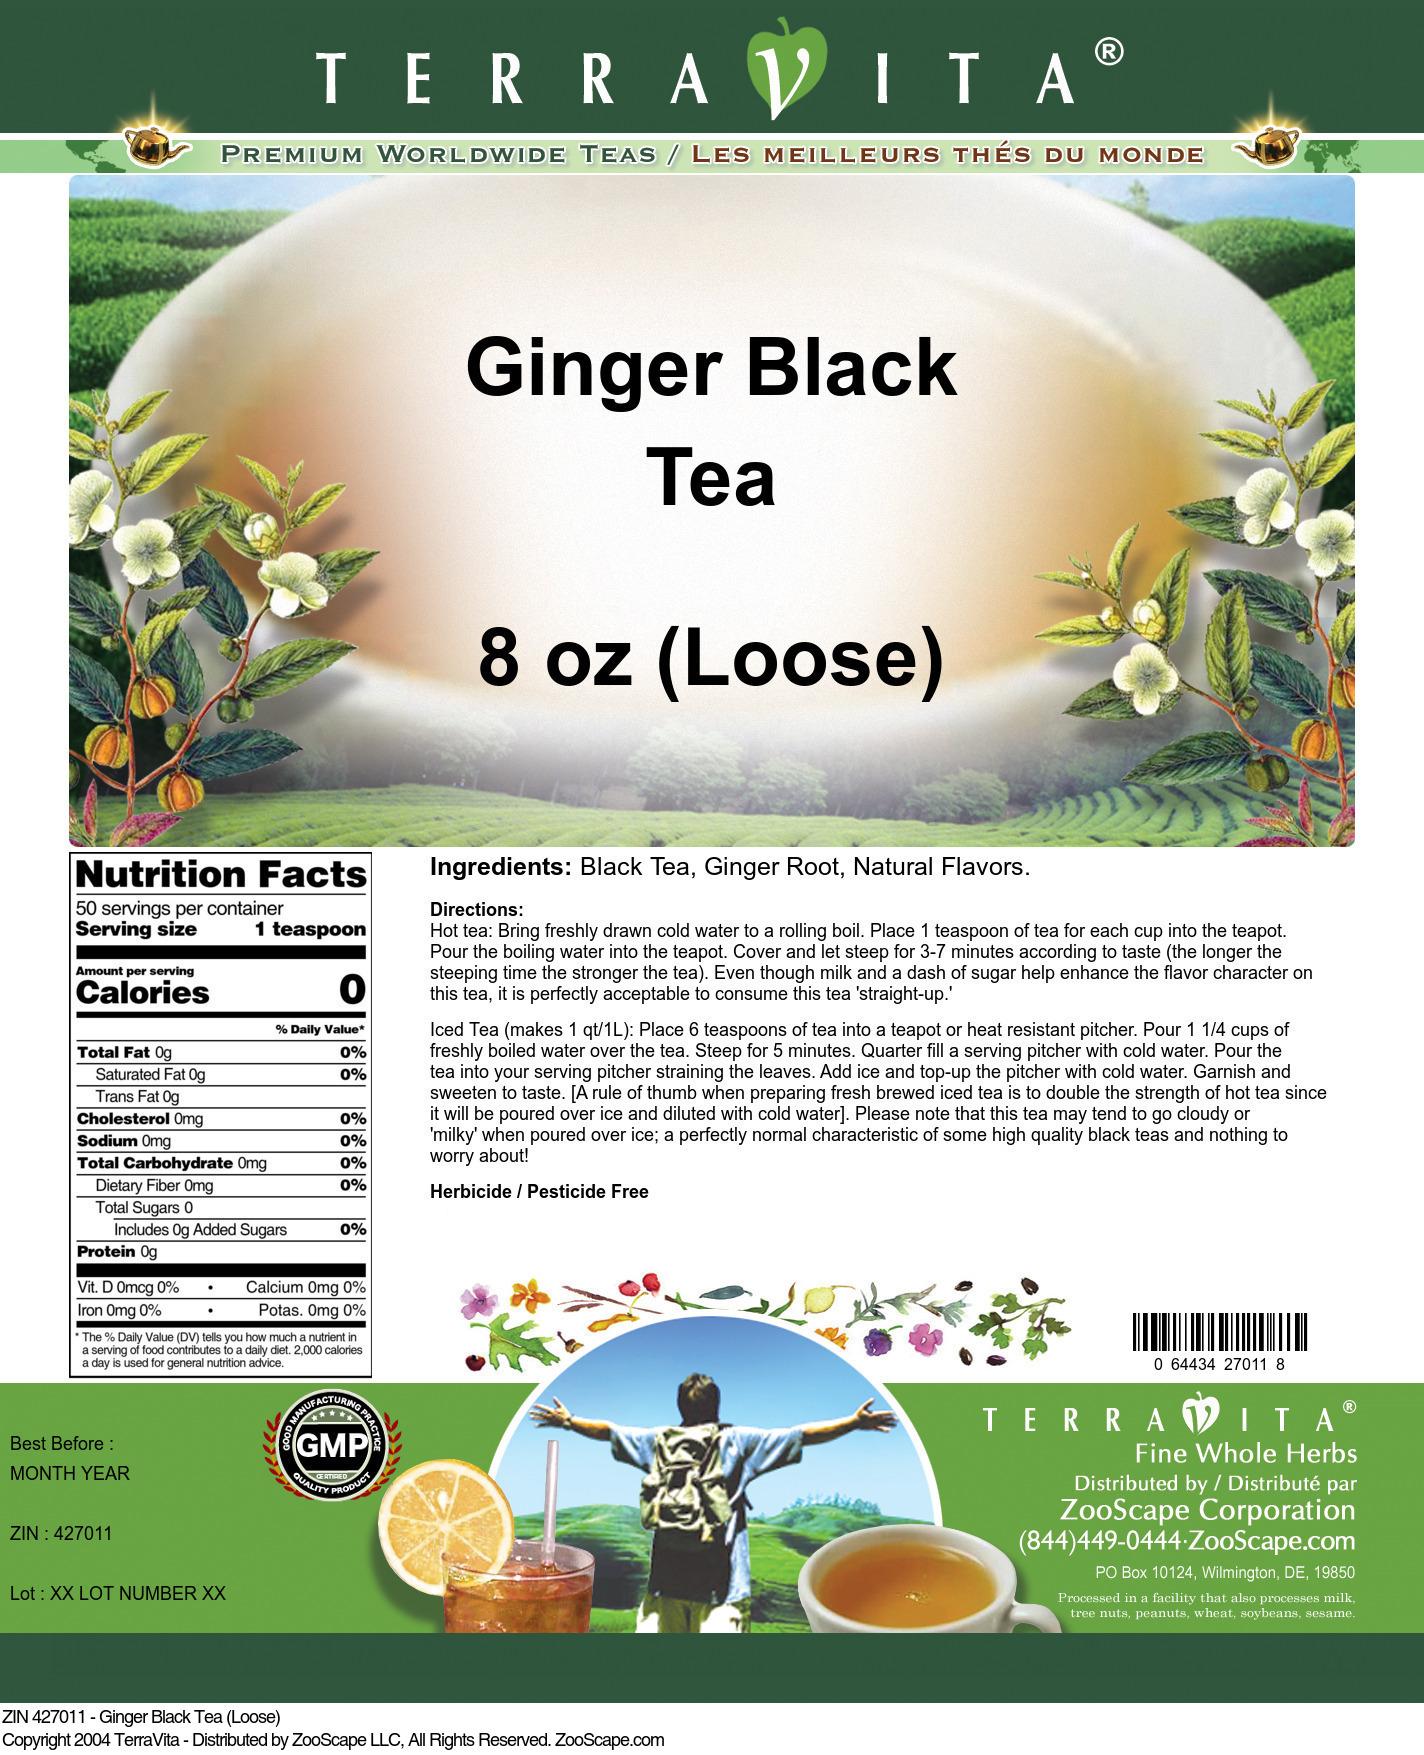 Ginger Black Tea (Loose) - Label